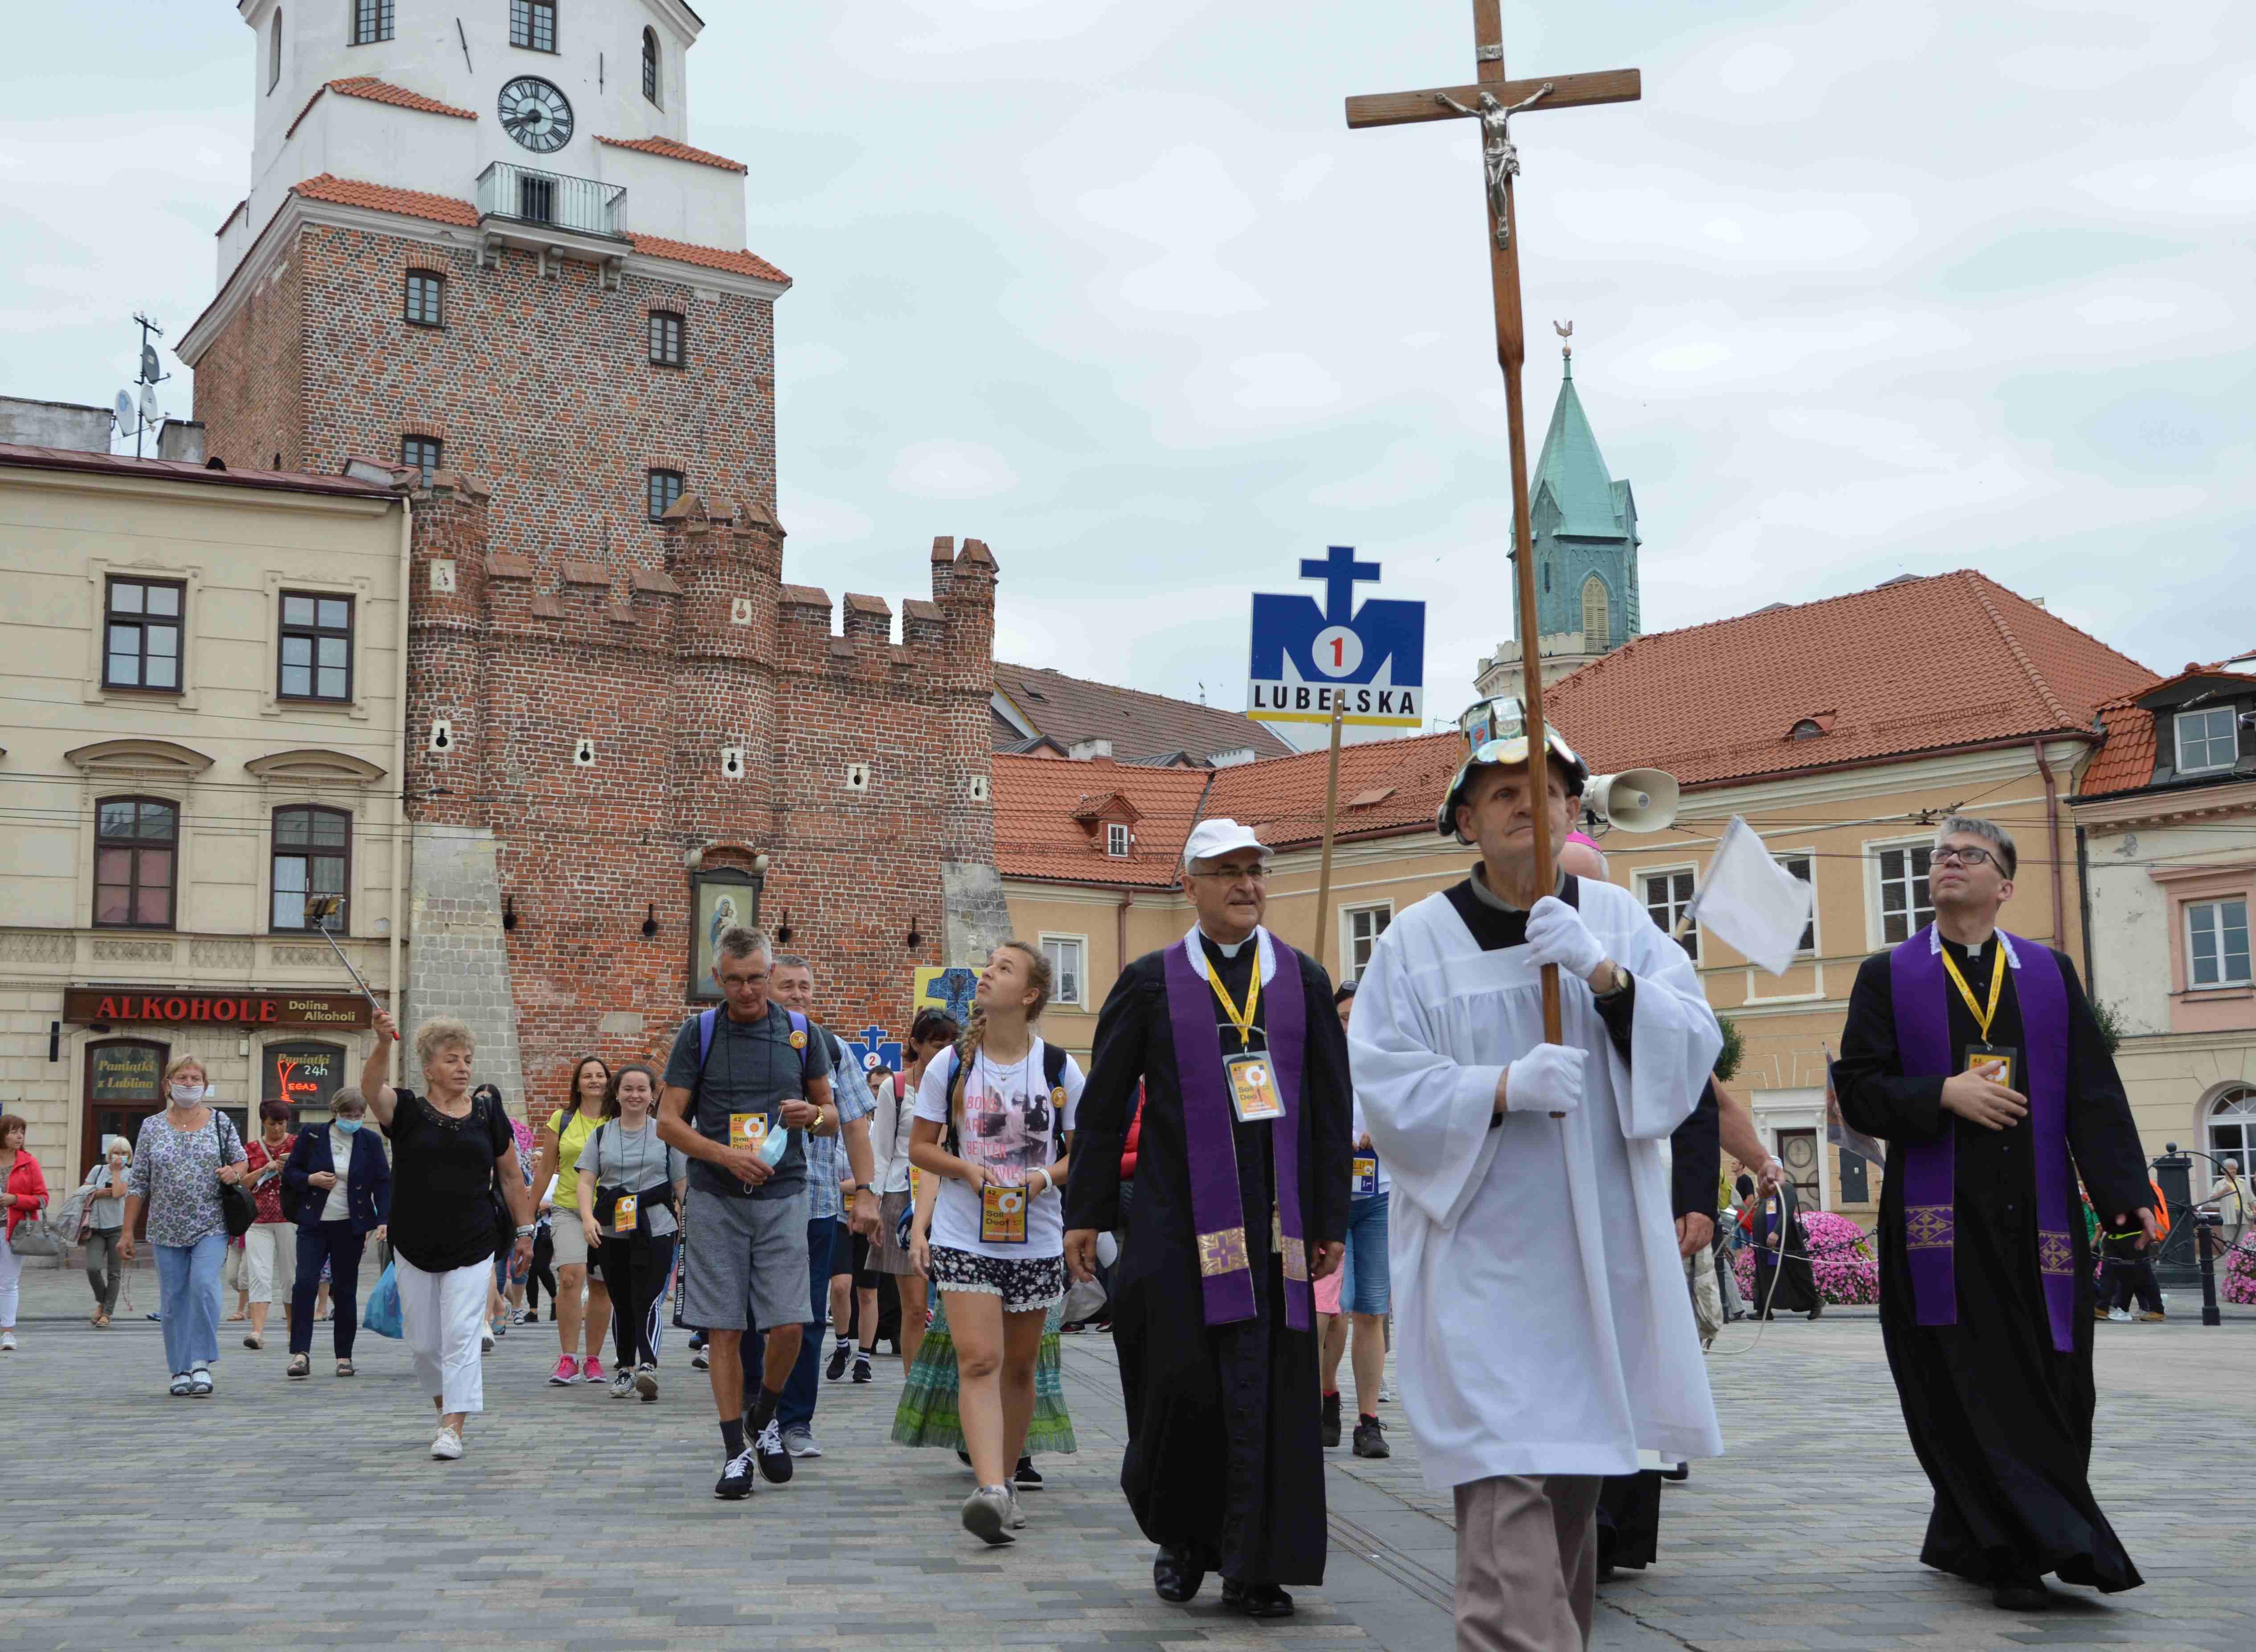 Archidiecezja lubelska: Tegoroczna Lubelska Piesza Pielgrzymka znowu w formie sztafety - Zdjęcie główne